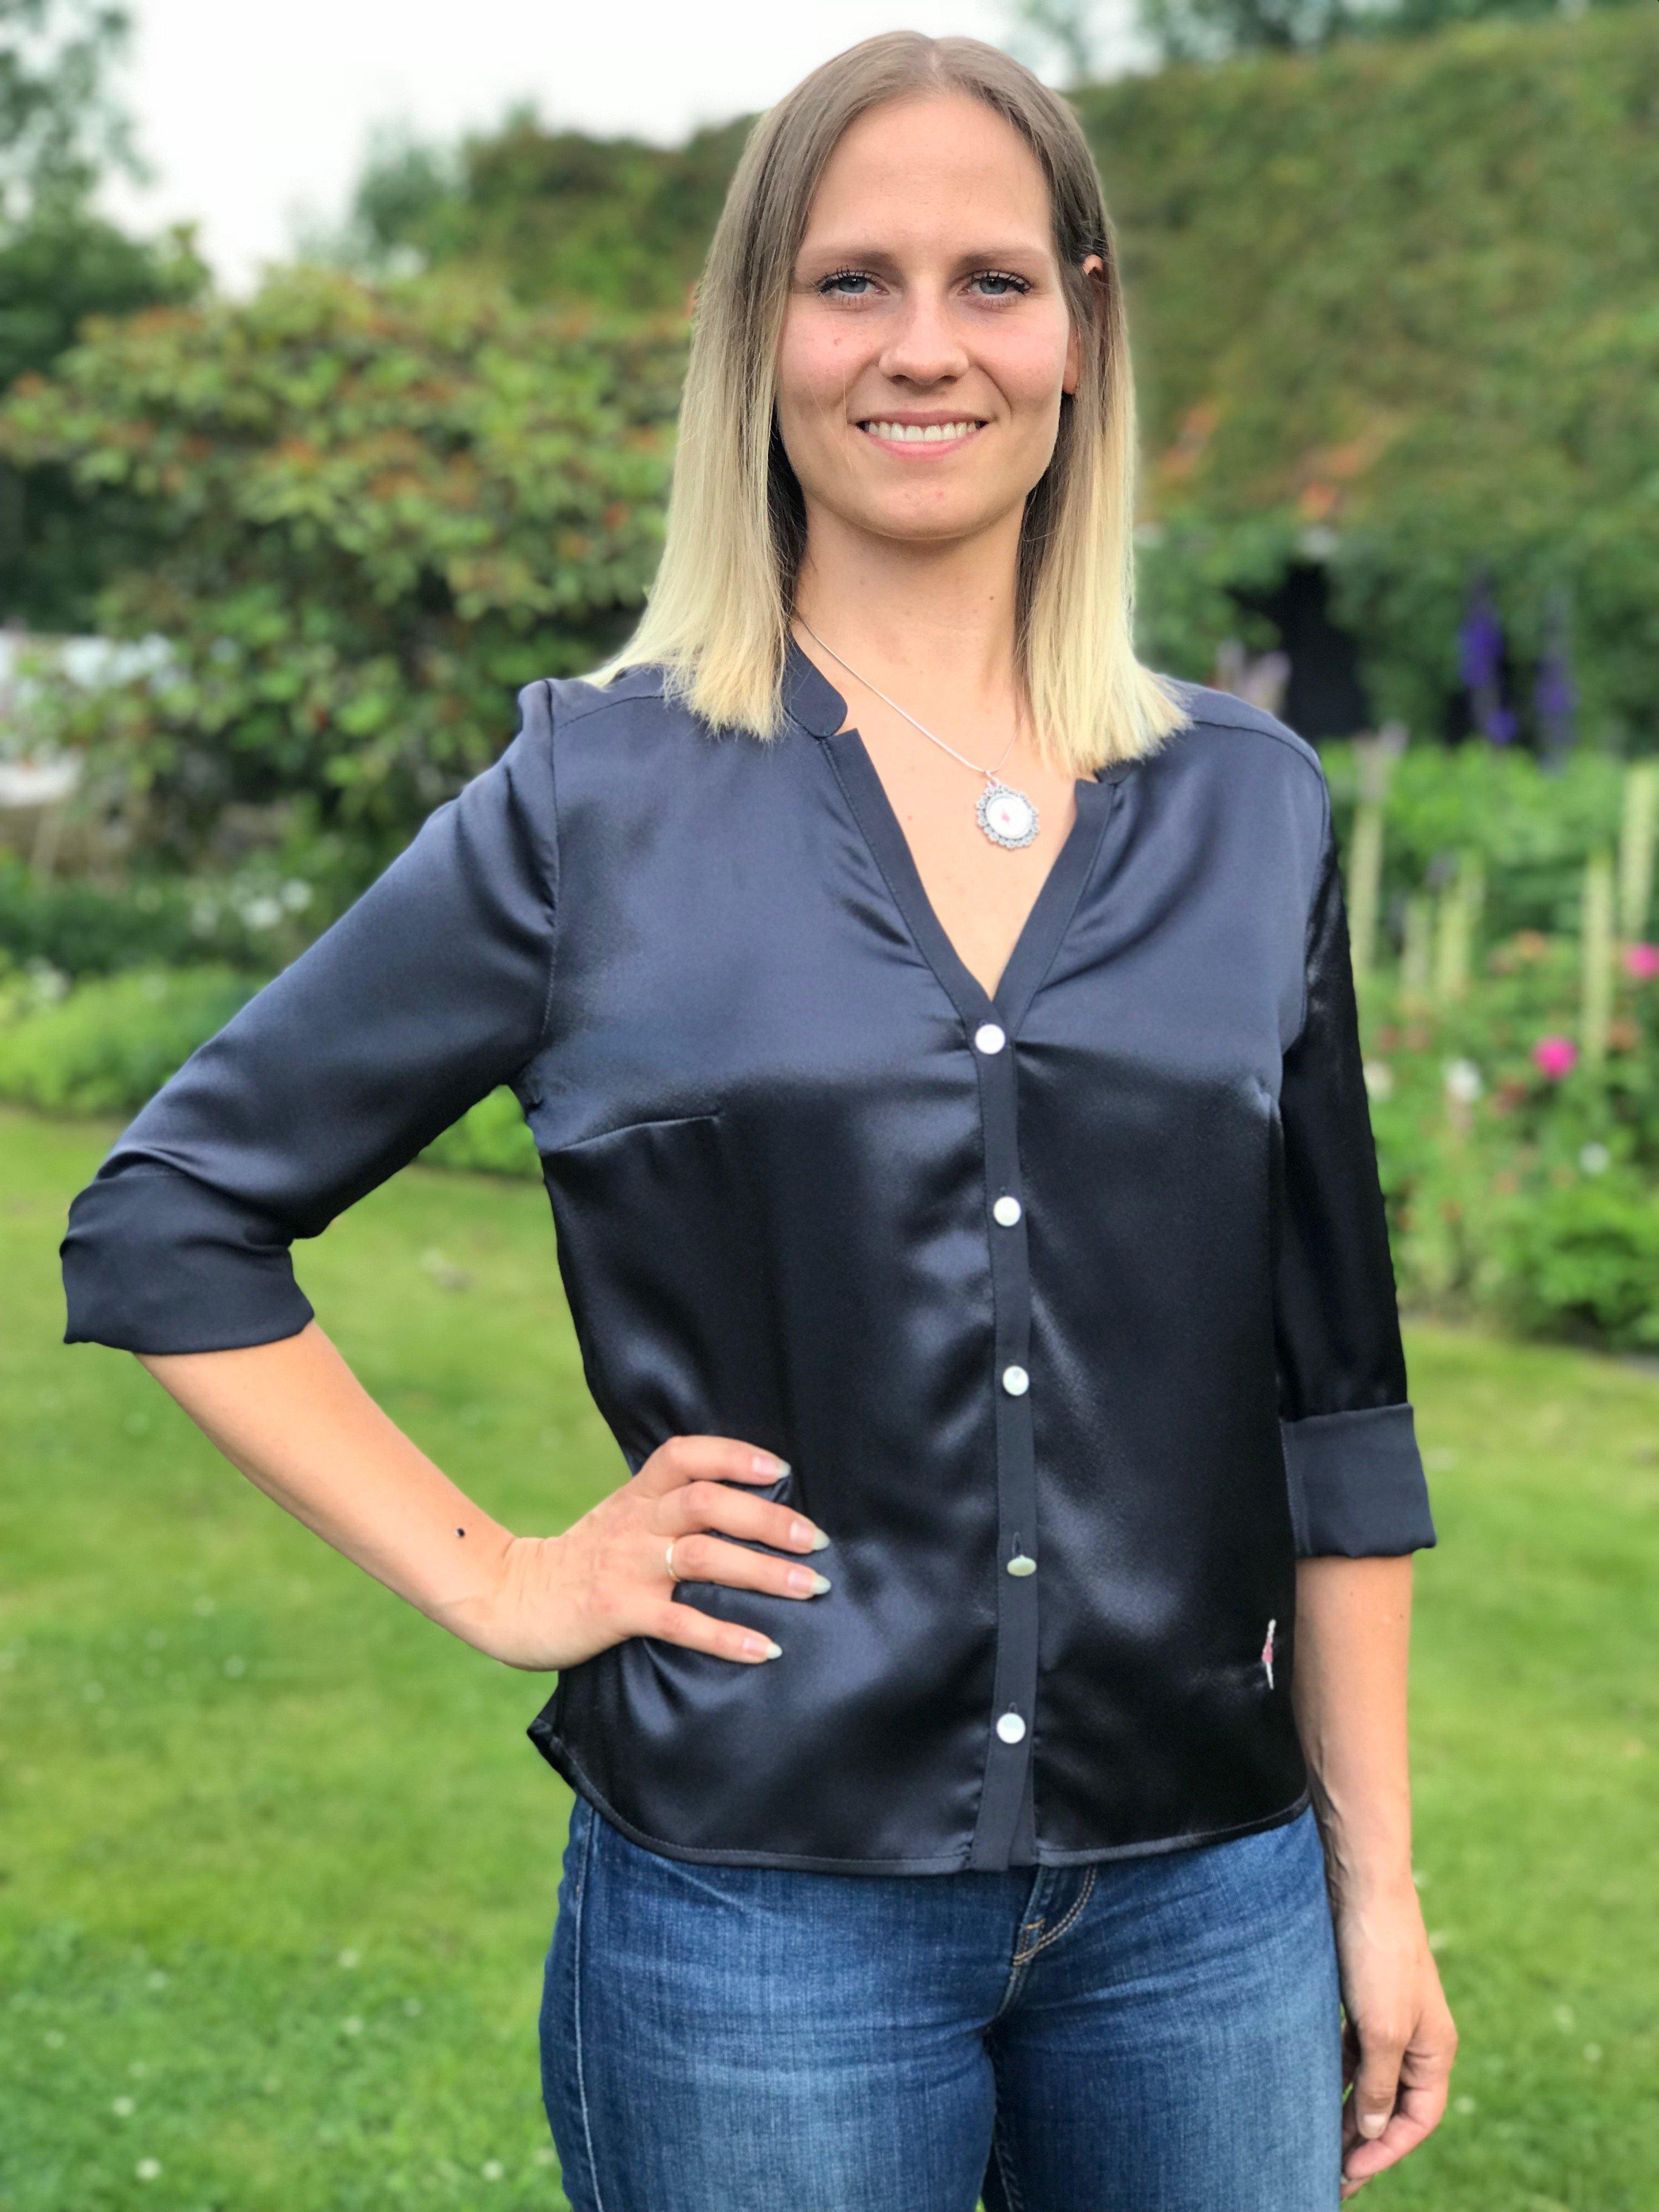 Blusen Isabelle blågrå i Oeko-Tex märkt polyester. Med fina pärlemorknappar. Bild framifrån med upprullade ärmar i storlek 36.